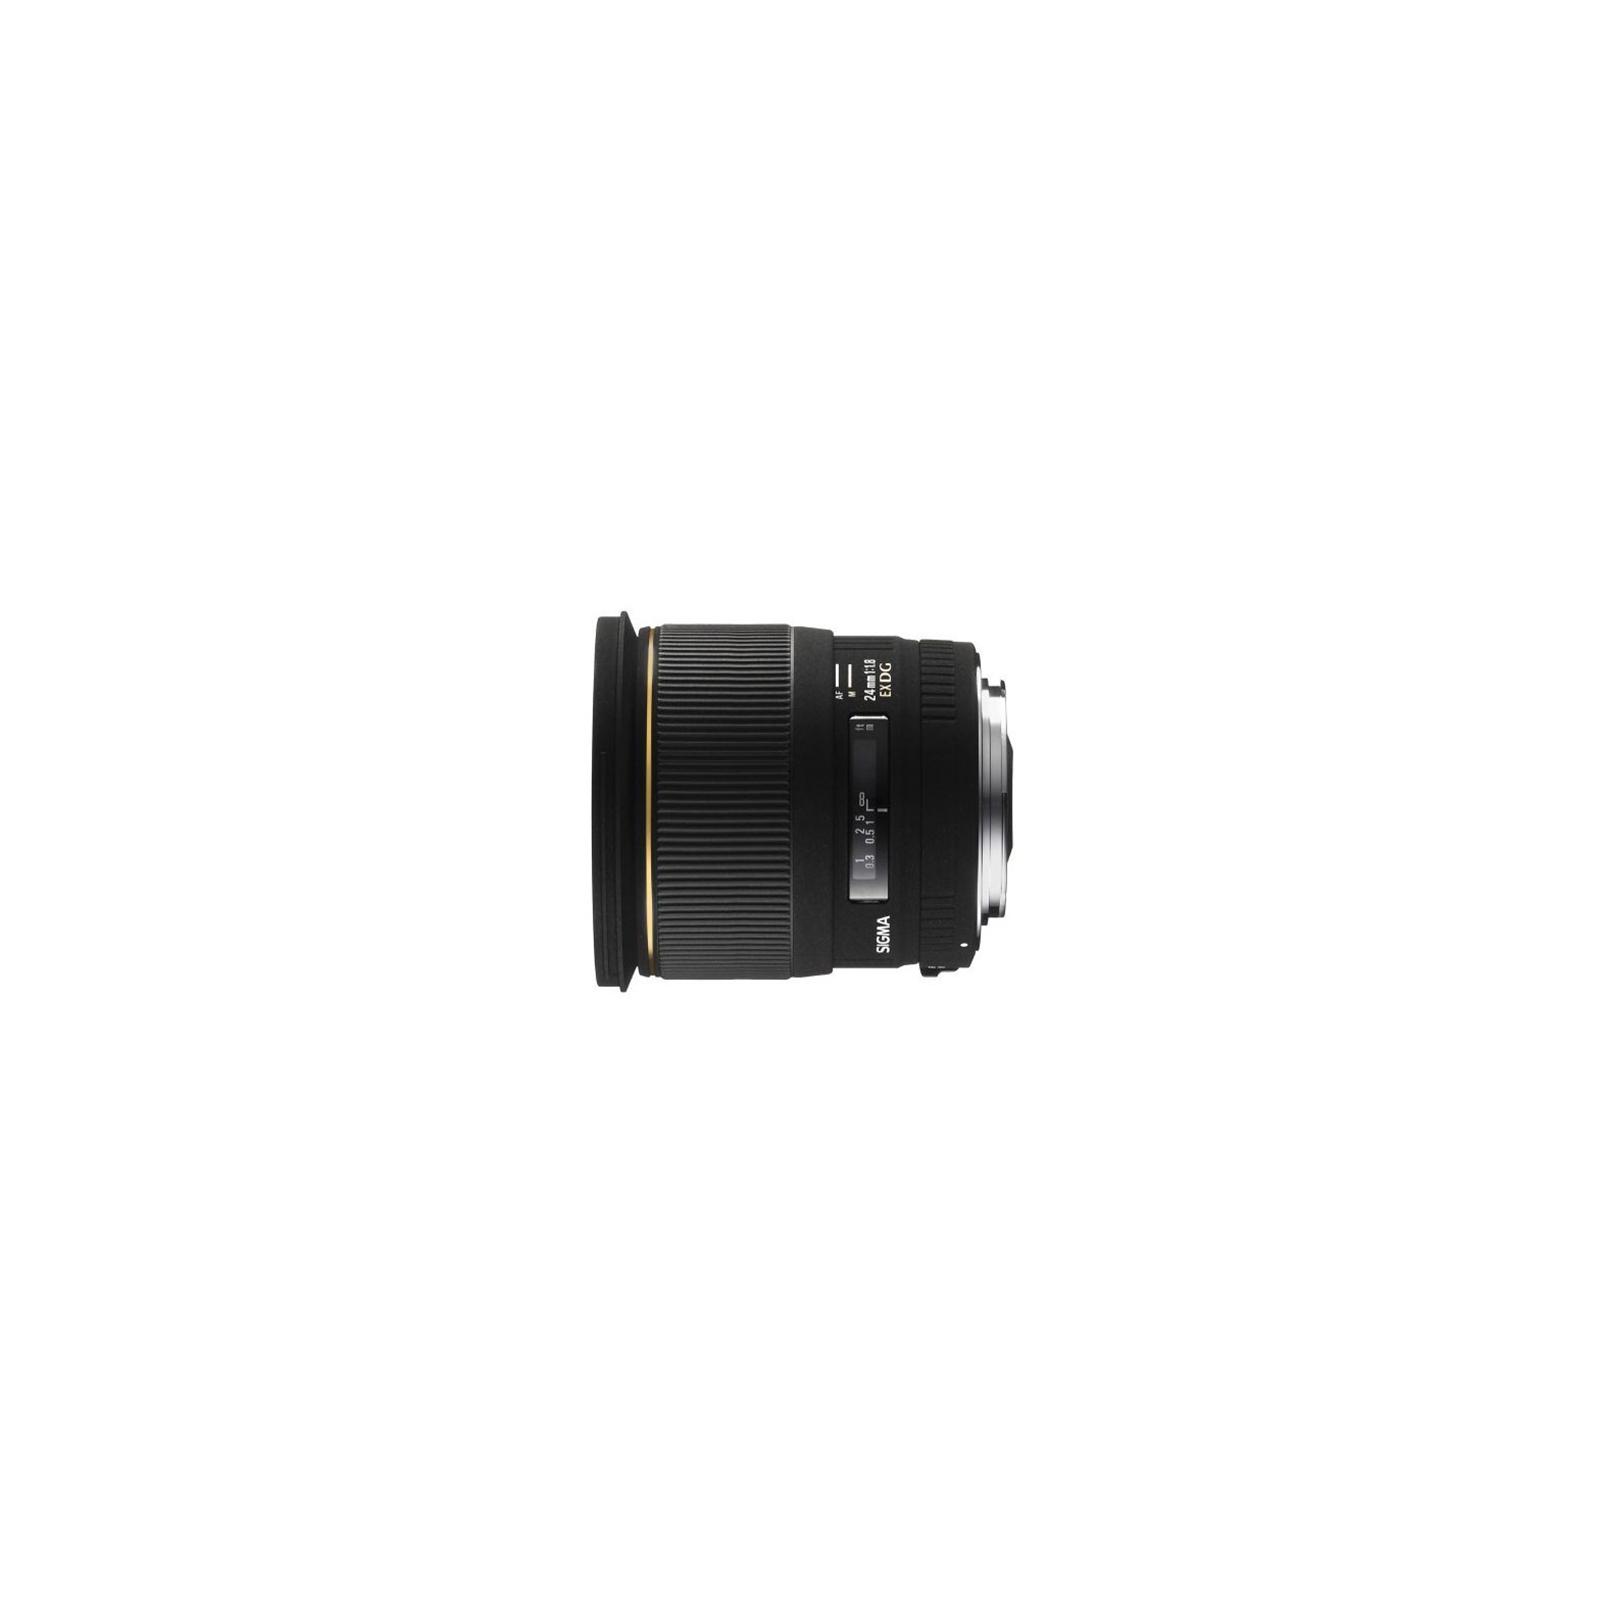 Объектив Sigma 24/1.8 DG MACRO Canon (432927)